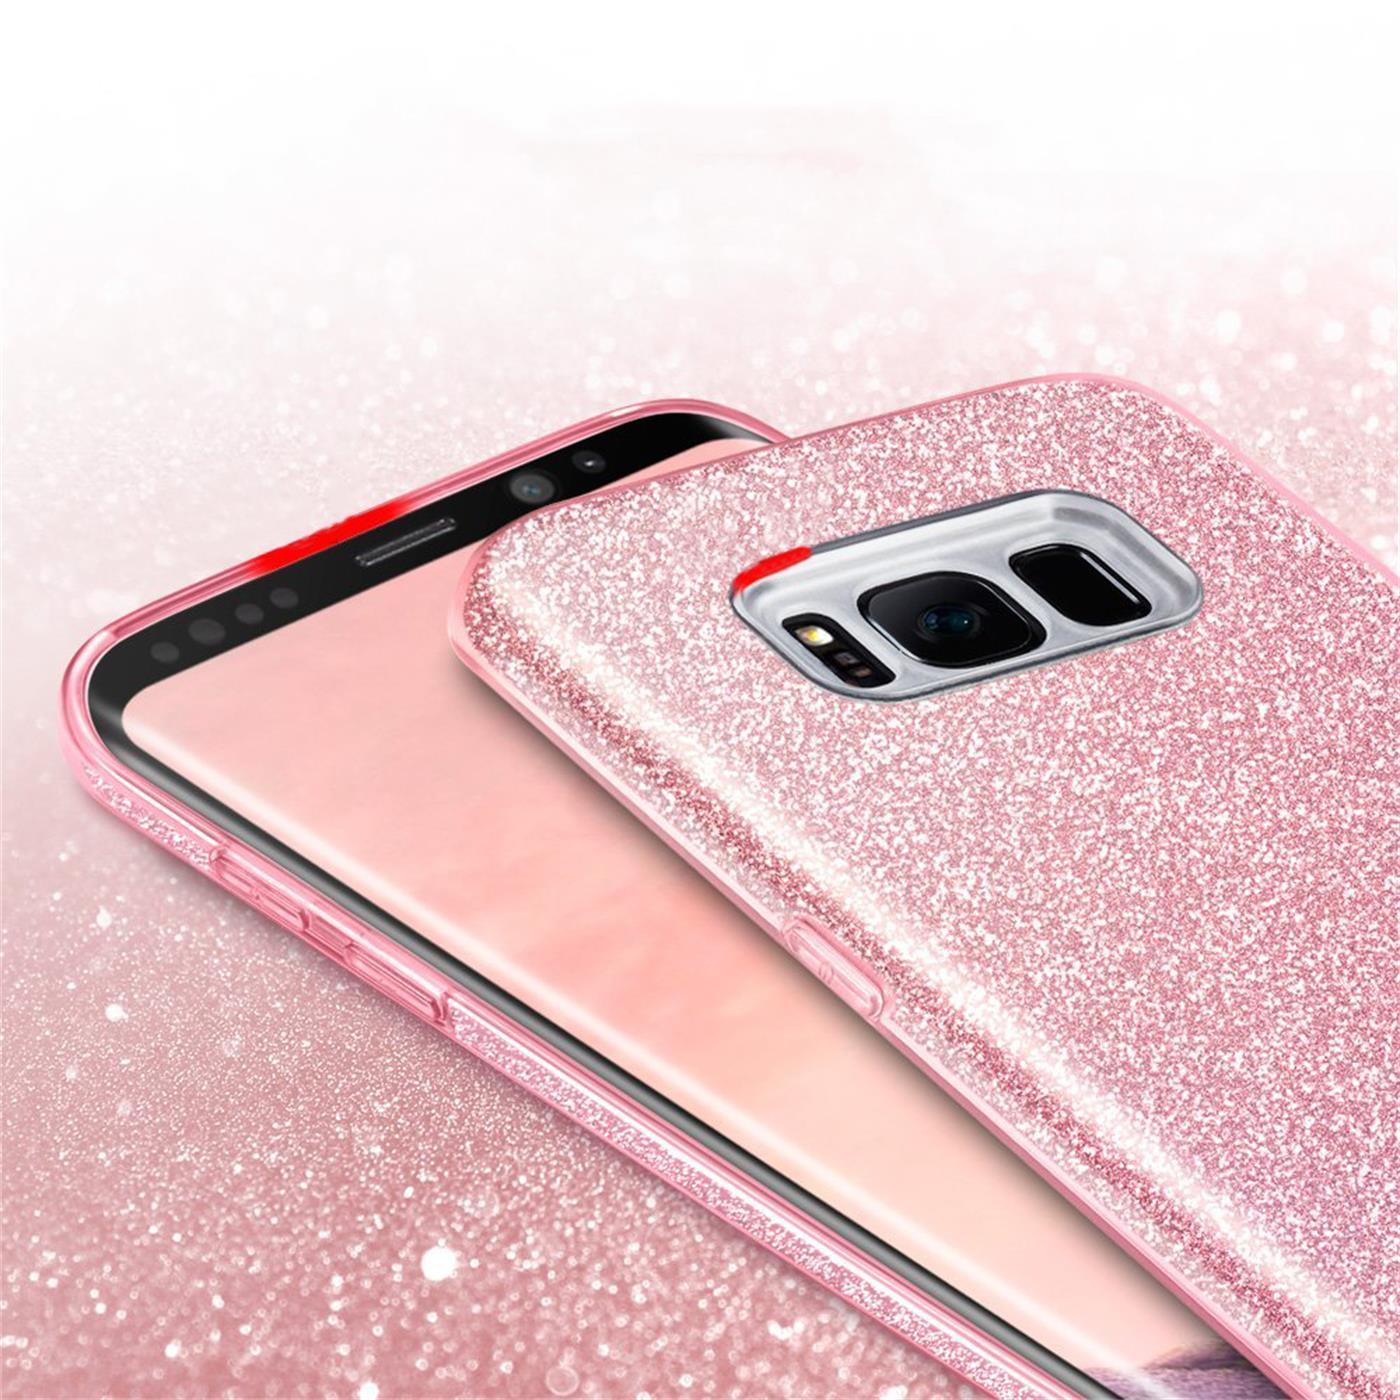 Handy-Glitzer-Huelle-fuer-Samsung-Galaxy-Slim-TPU-Cover-Case-Silikon-Schutz-Tasche Indexbild 17